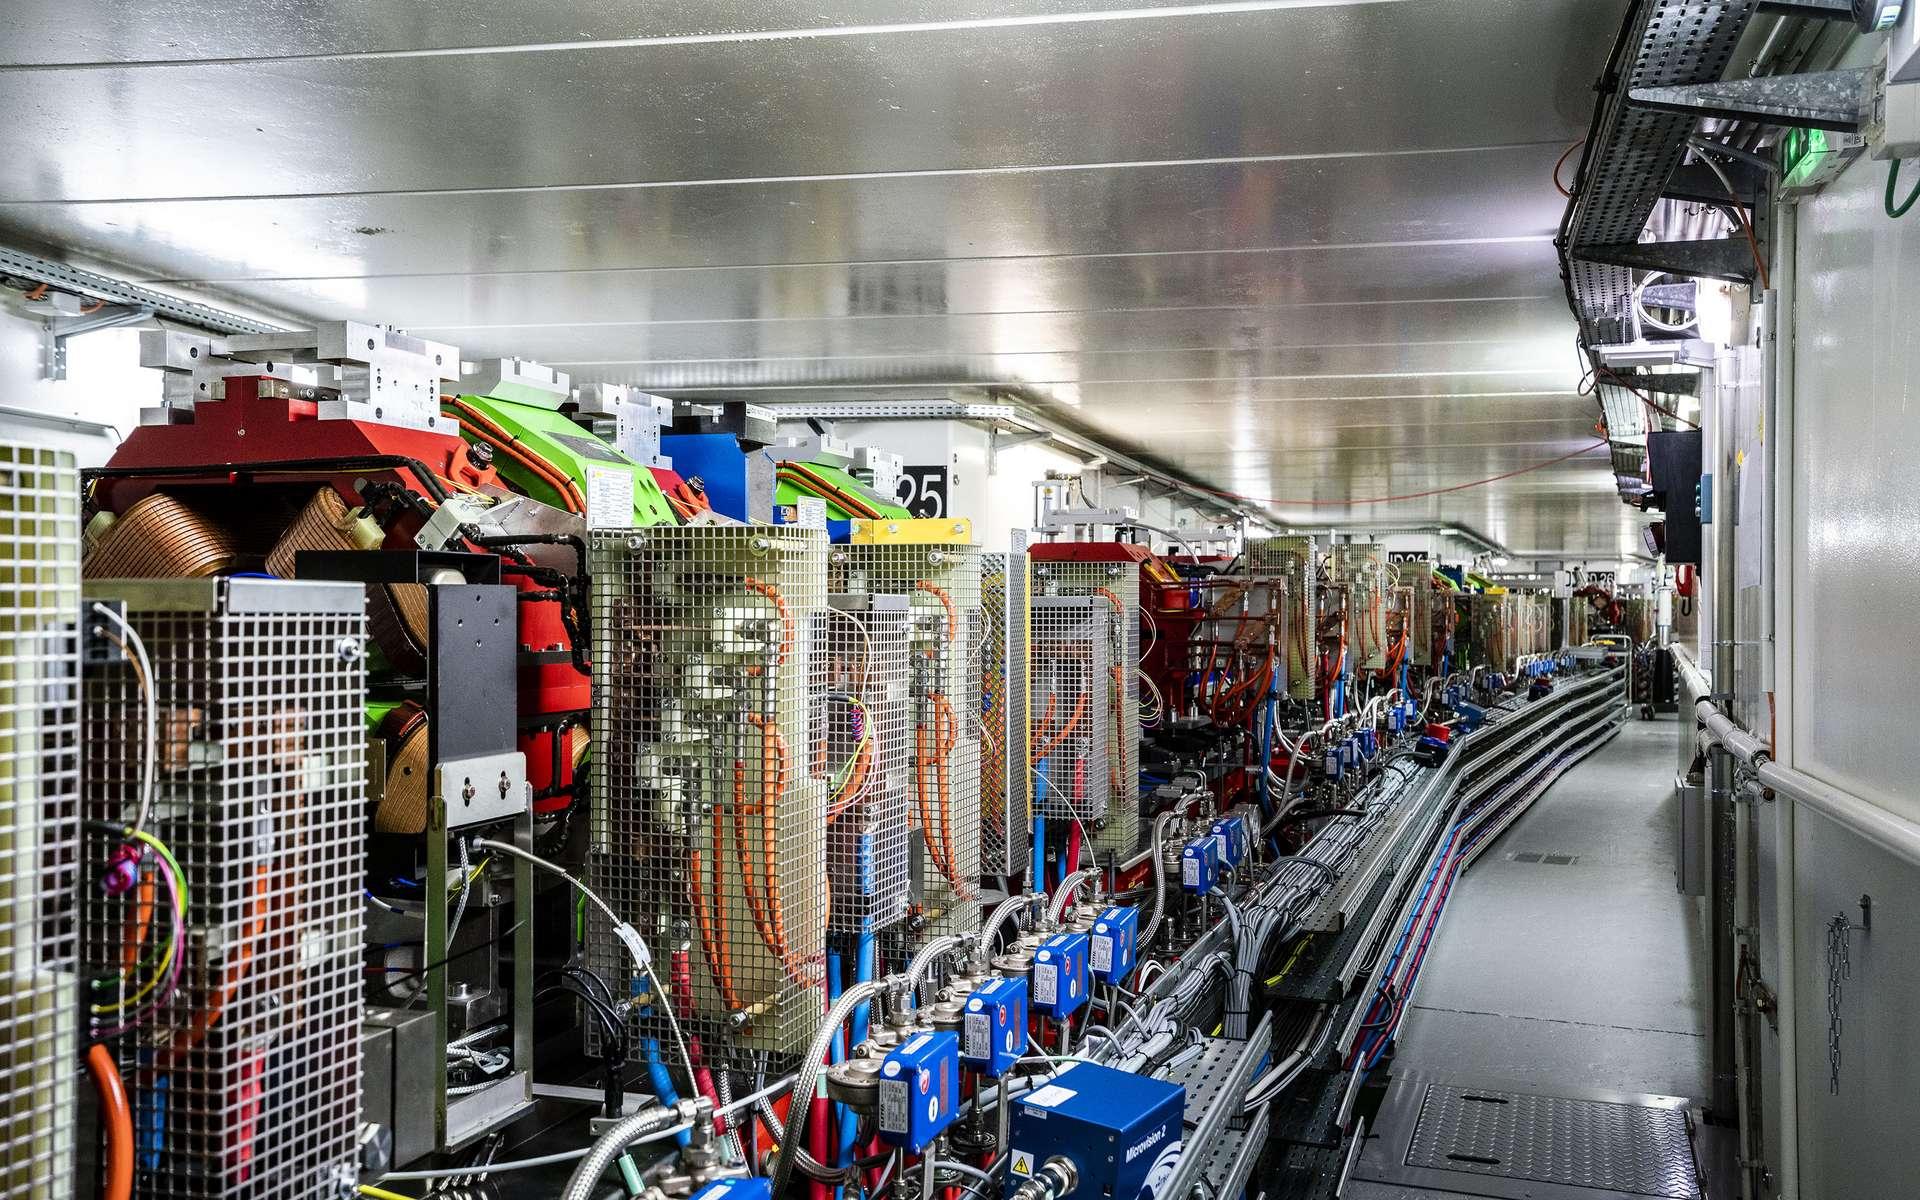 Le synchroton à haute énergie de quatrième génération est en fonctionnement. Une interruption de 20 mois a été nécessaire pour débrancher 200 km de câbles et retirer 1.720 tonnes de matériel. La nouvelle machine a été installée en neuf mois dans le tunnel de 844 m de circonférence ; il a fallu réaliser sur plusieurs kilomètres l'alignement précis de 10.000 composants technologiques. © ESRF, S.Candé